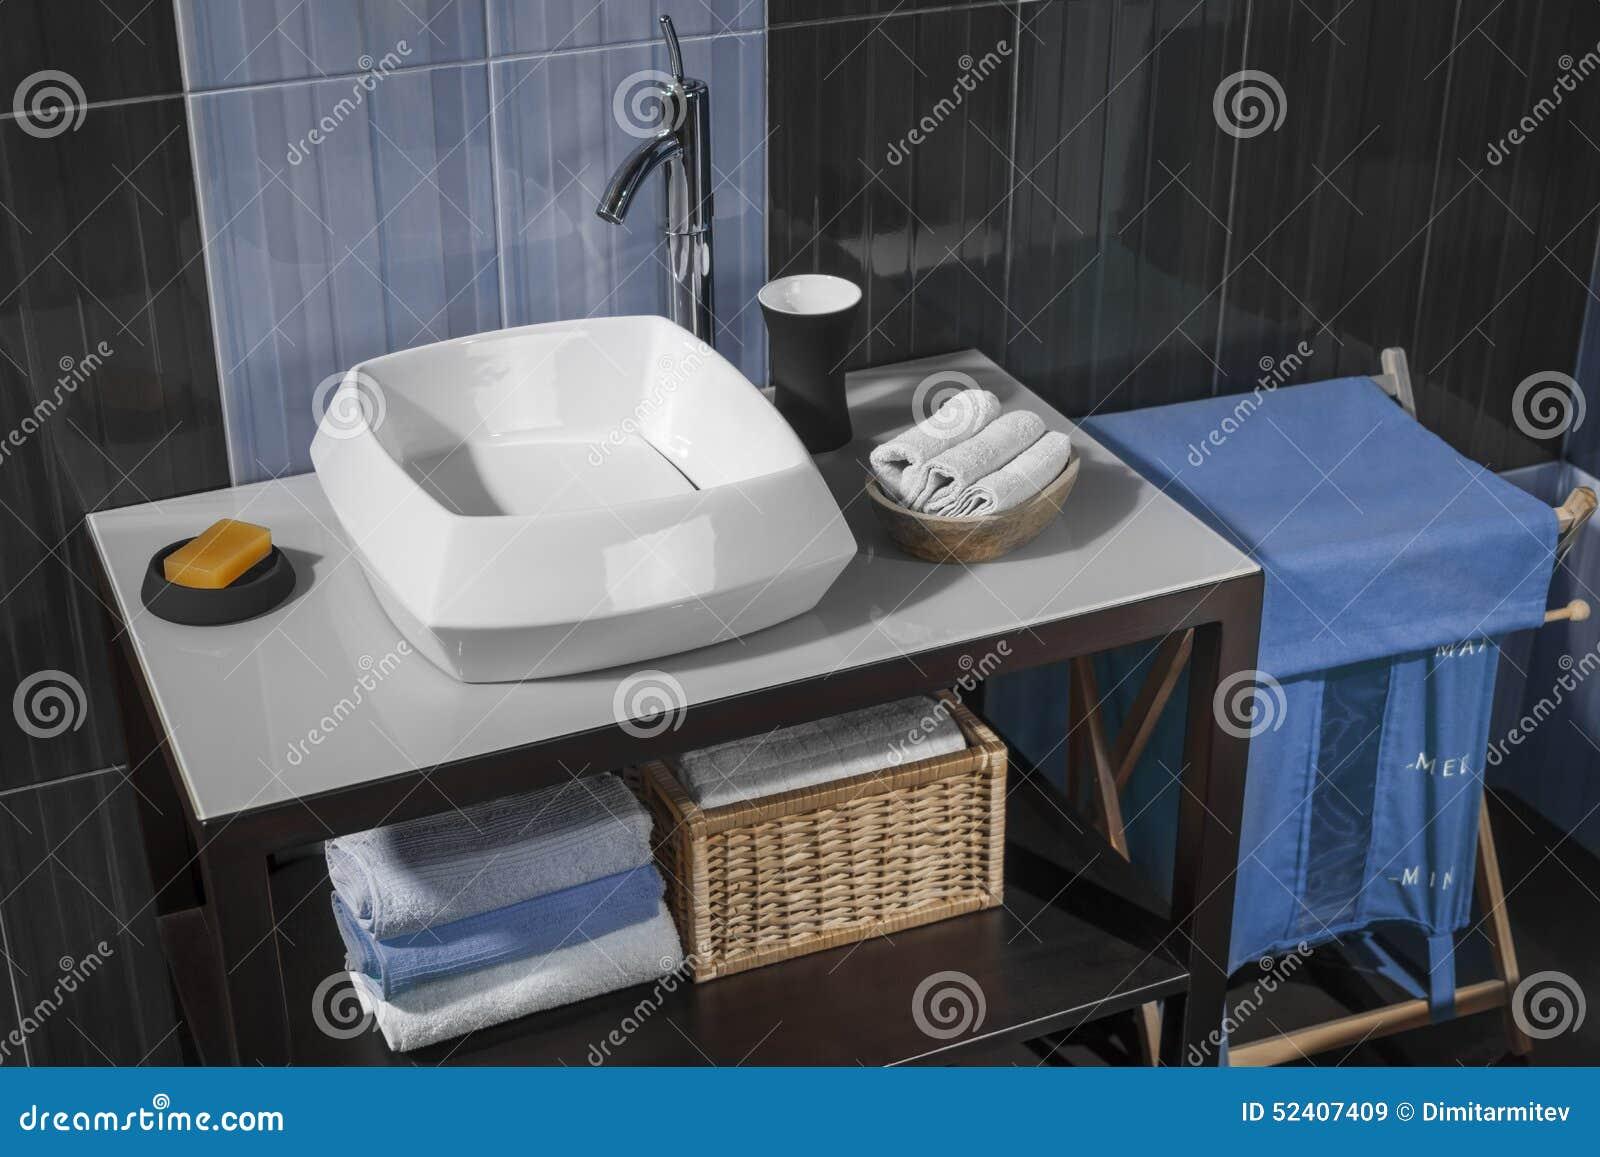 acessórios armário de banheiro e telhas azuis do banheiro #838C3F 1300x957 Acessorios Do Banheiro